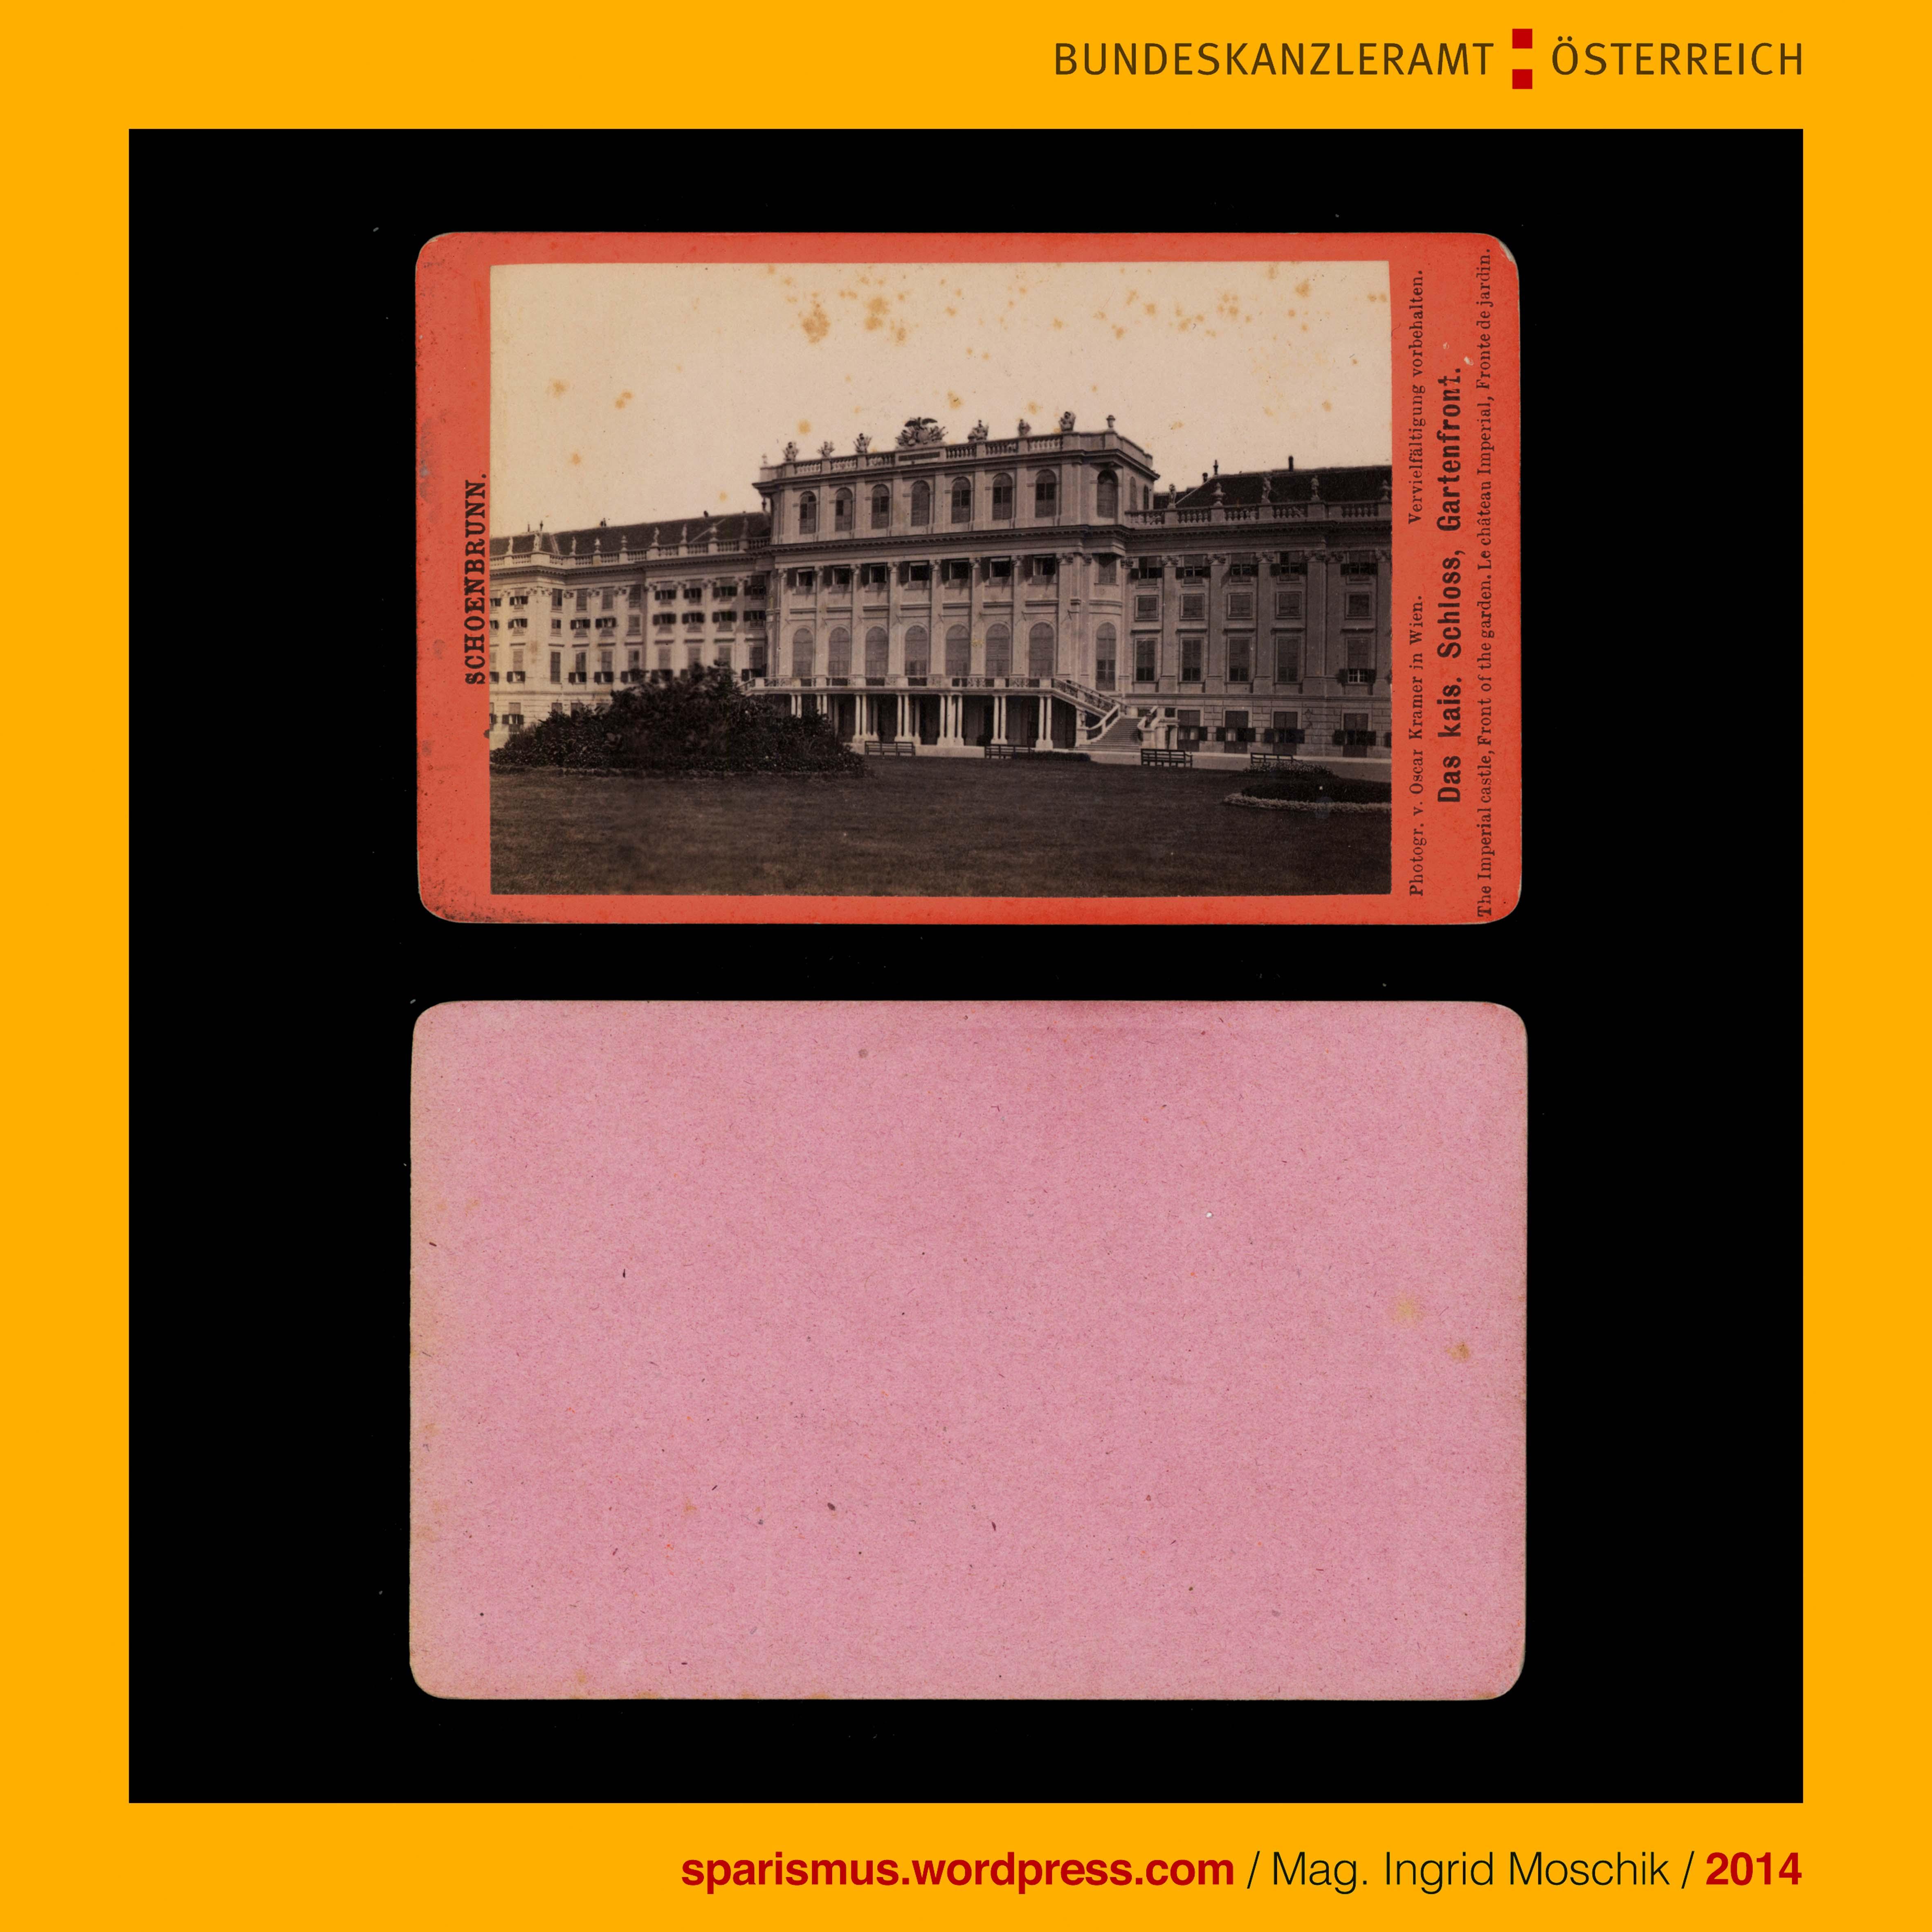 oscar-kramer-wien-schloss-schoenbrunn-1870-bka-bundeskanzleramt-zensur Impressionnant De Salon Jardin Teck Conception